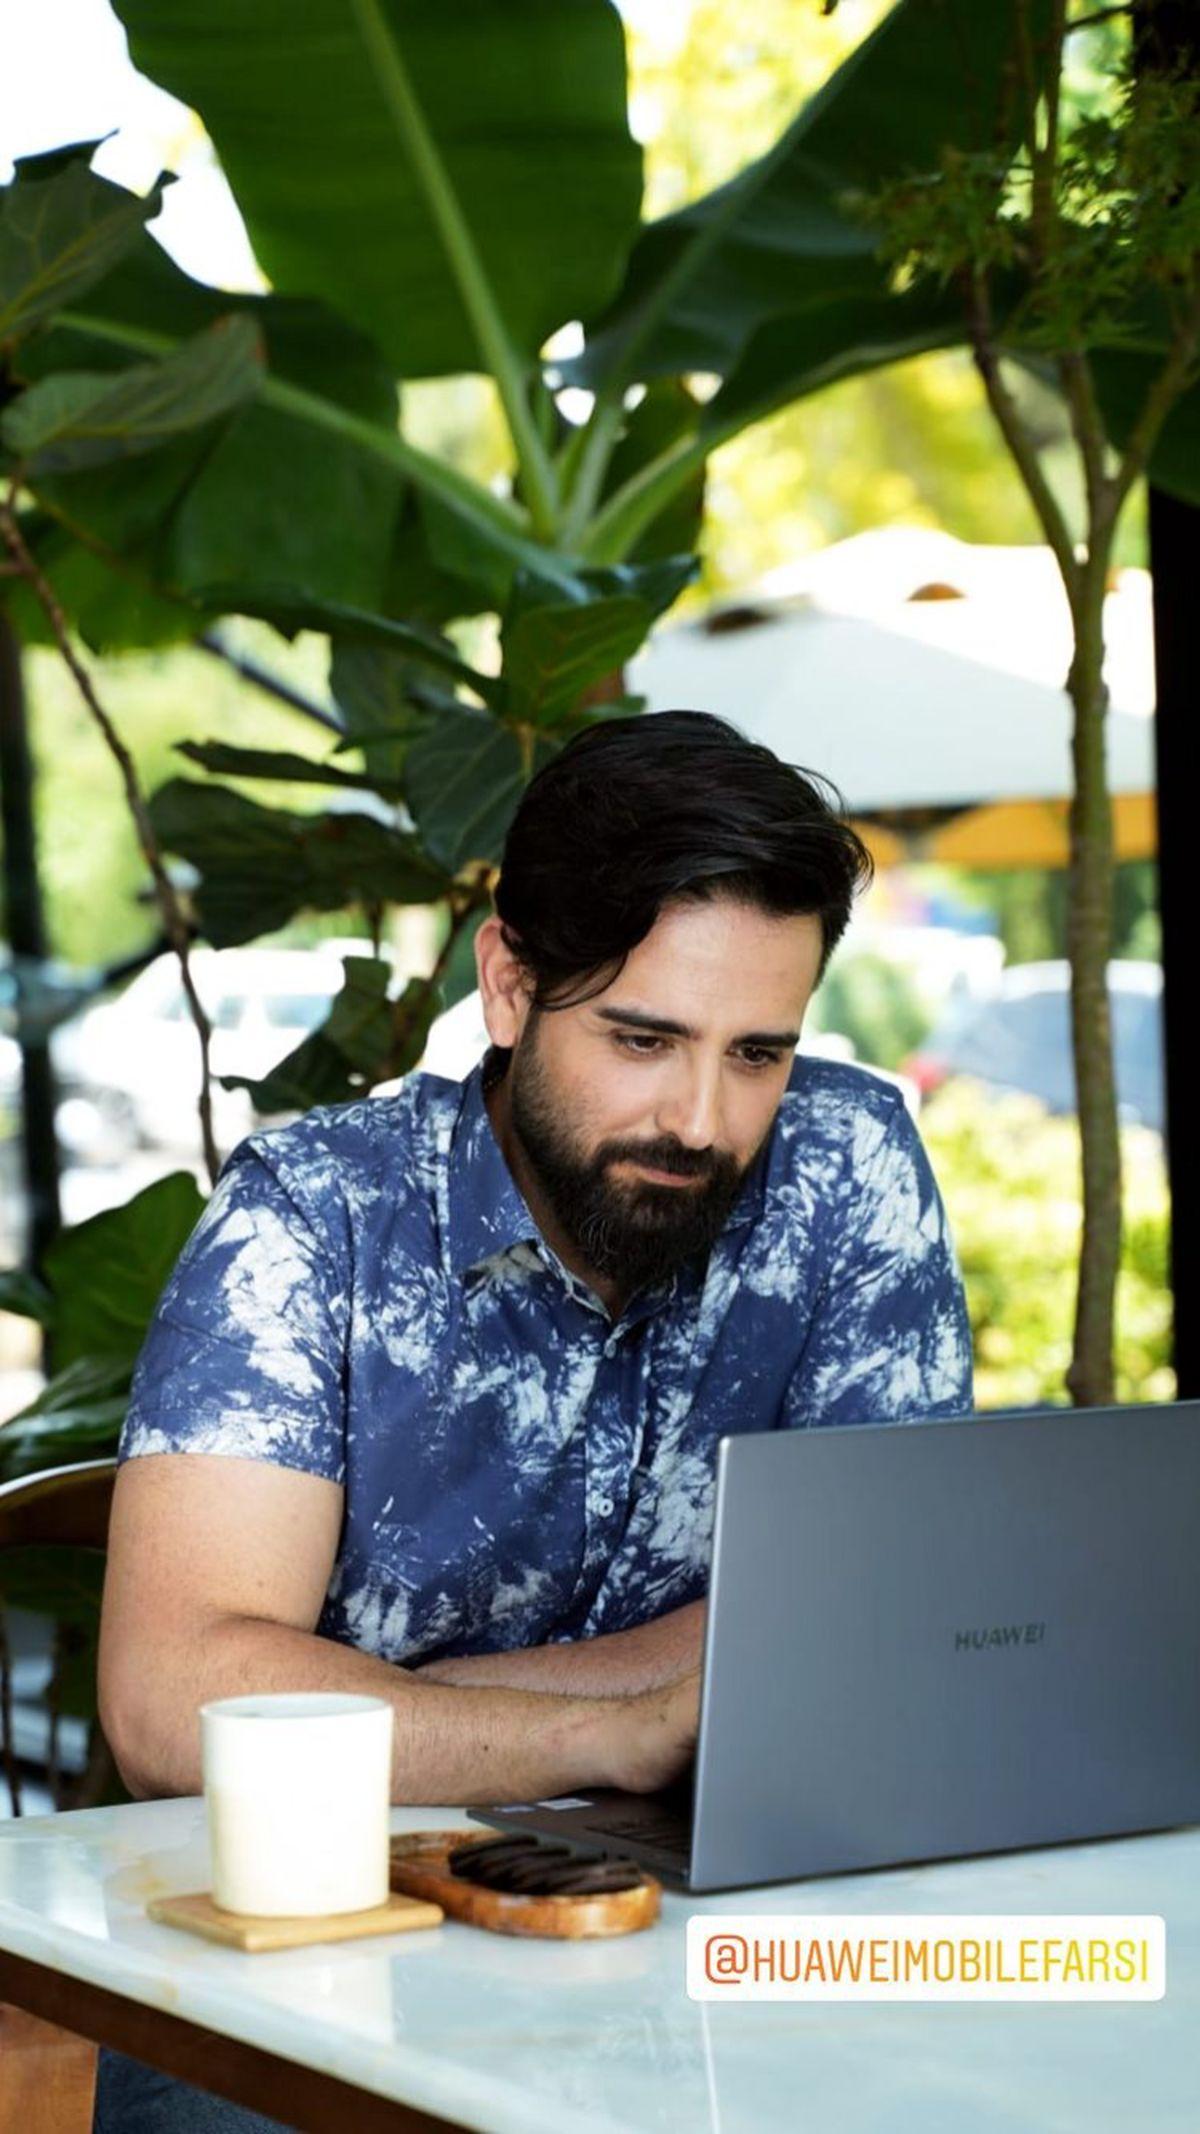 استایل شیک امیرحسین آرمان در محل کارش + عکس